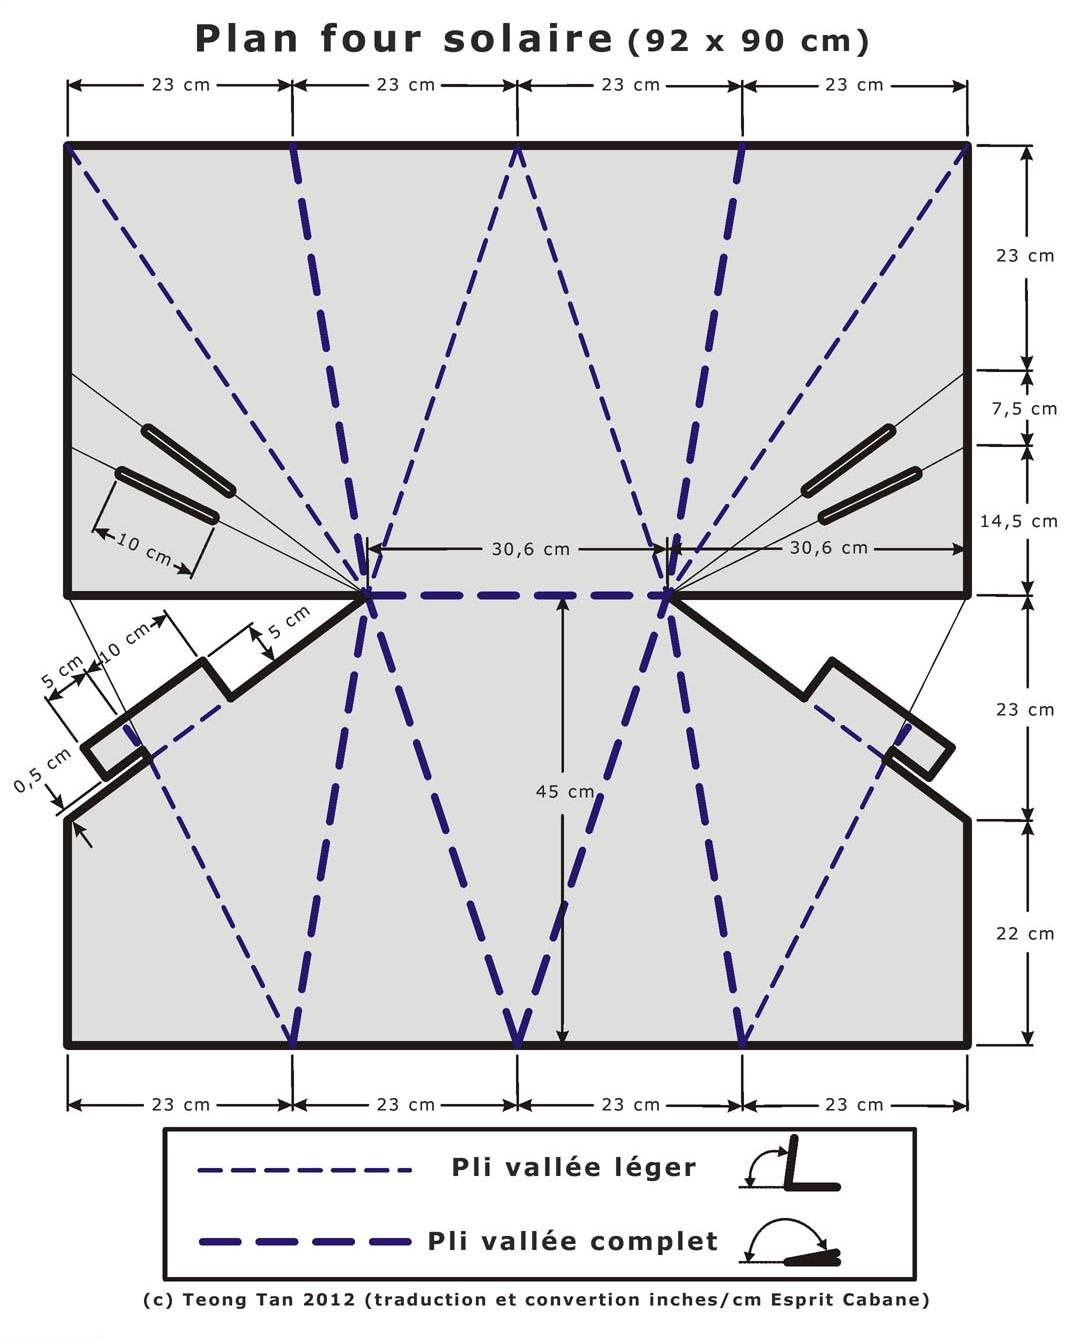 plan four solaire